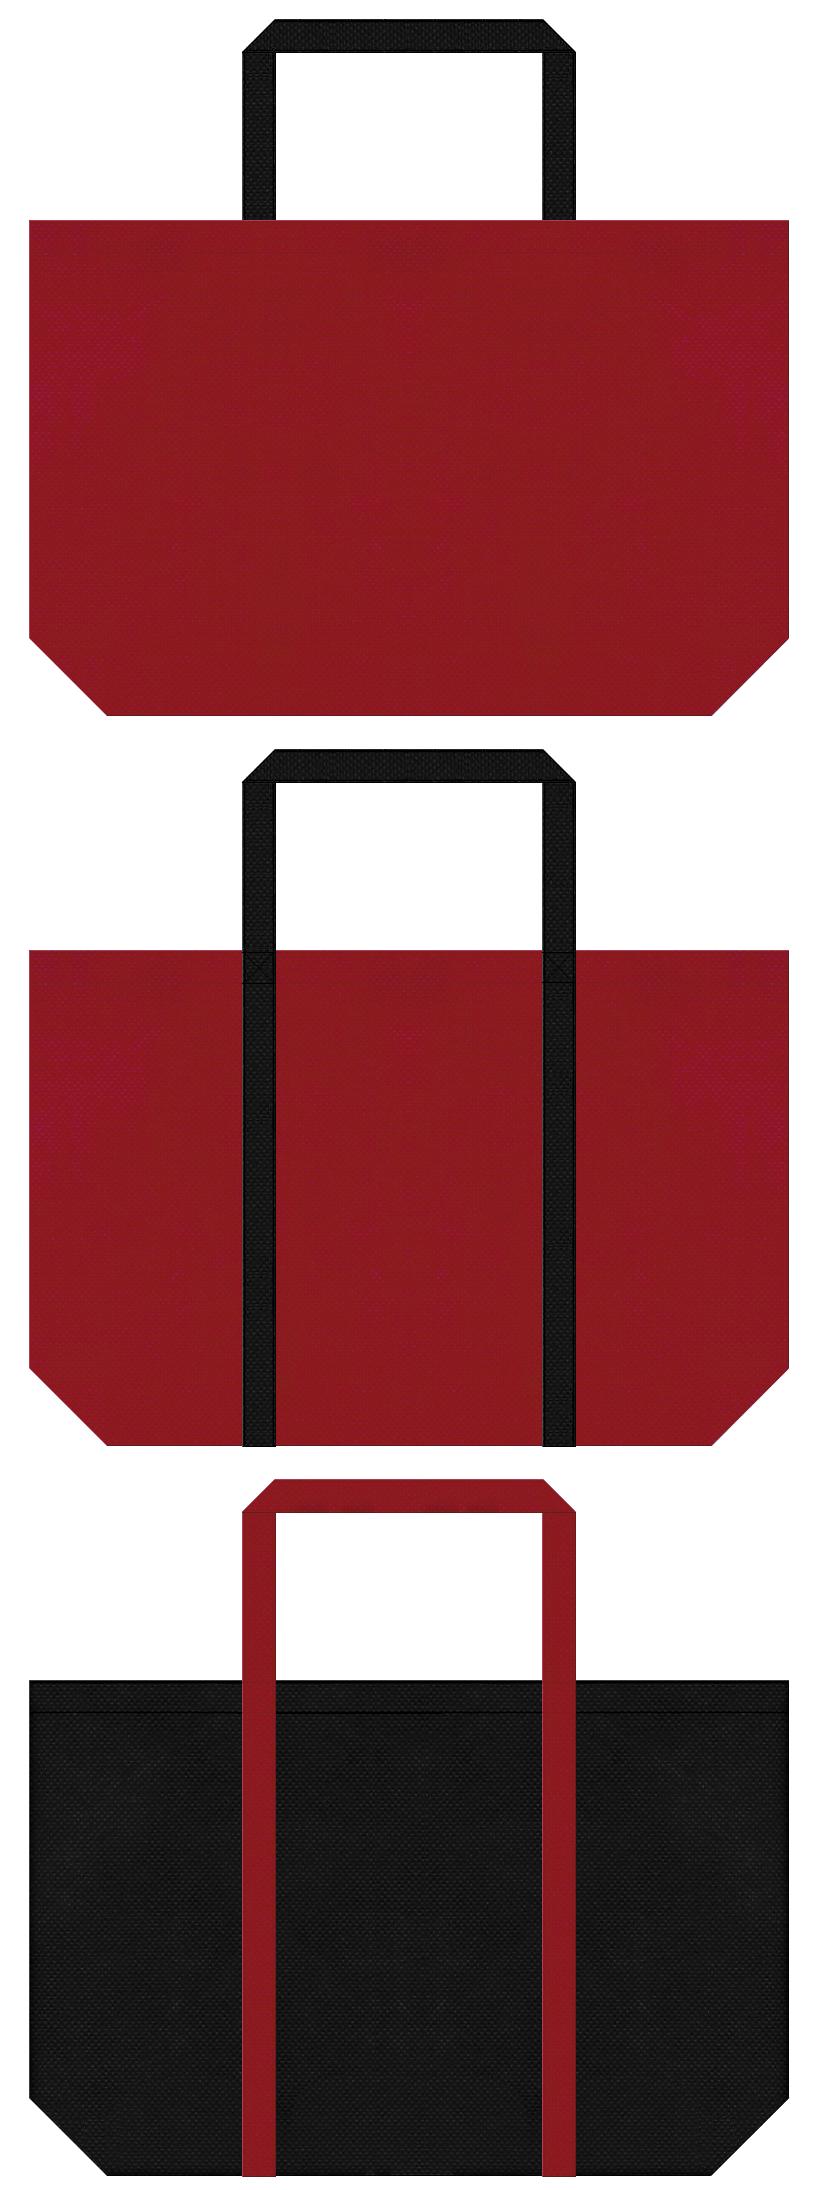 舞踏会・音楽教室・レッスンバッグ・楽器・タンゴ・クラッシック・演奏会・コンサート・スポーティファッション・カジュアル・アウトレットにお奨め:エンジ色と黒色の不織布ショッピングバッグのデザイン